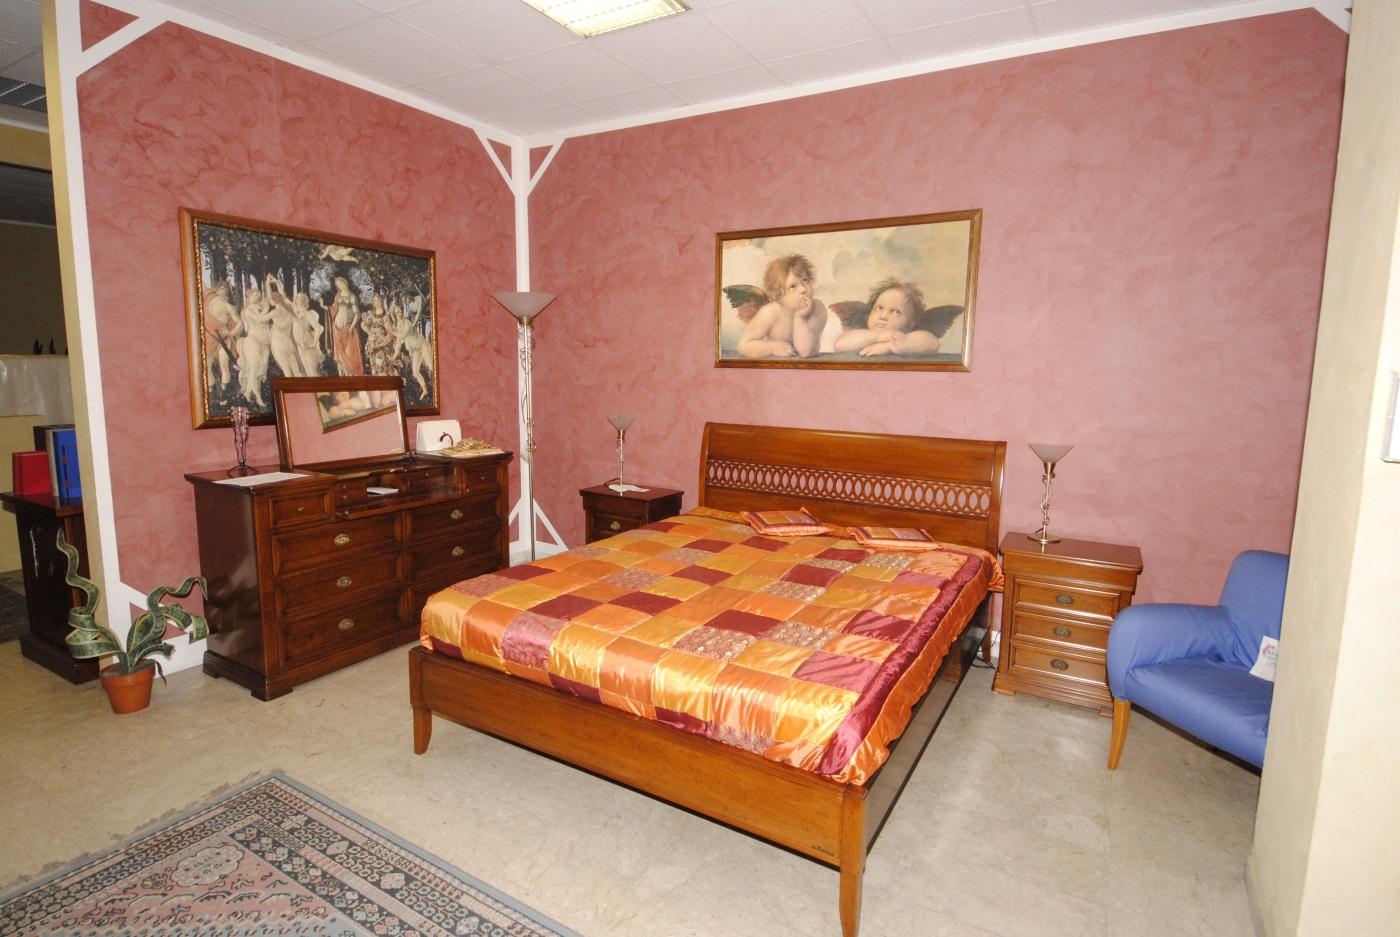 Offerta camera da letto le fablier collezione le gemme san gaetano arredamenti - Camere da letto complete offerte ...